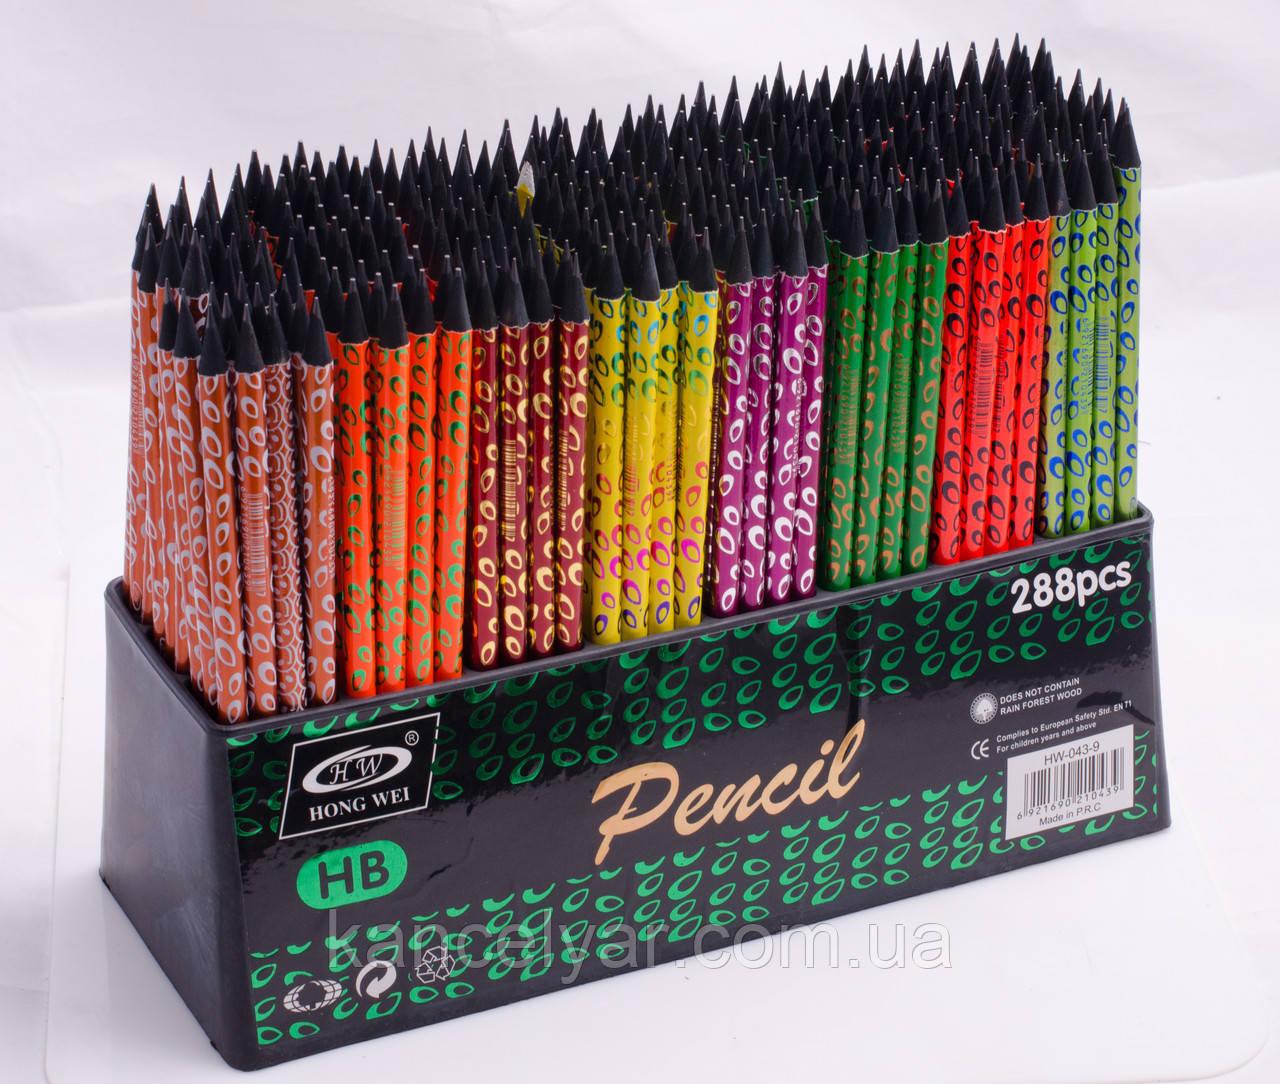 Олівець чорнографітний з гумкою, HB, вензелі і неон, в асортименті